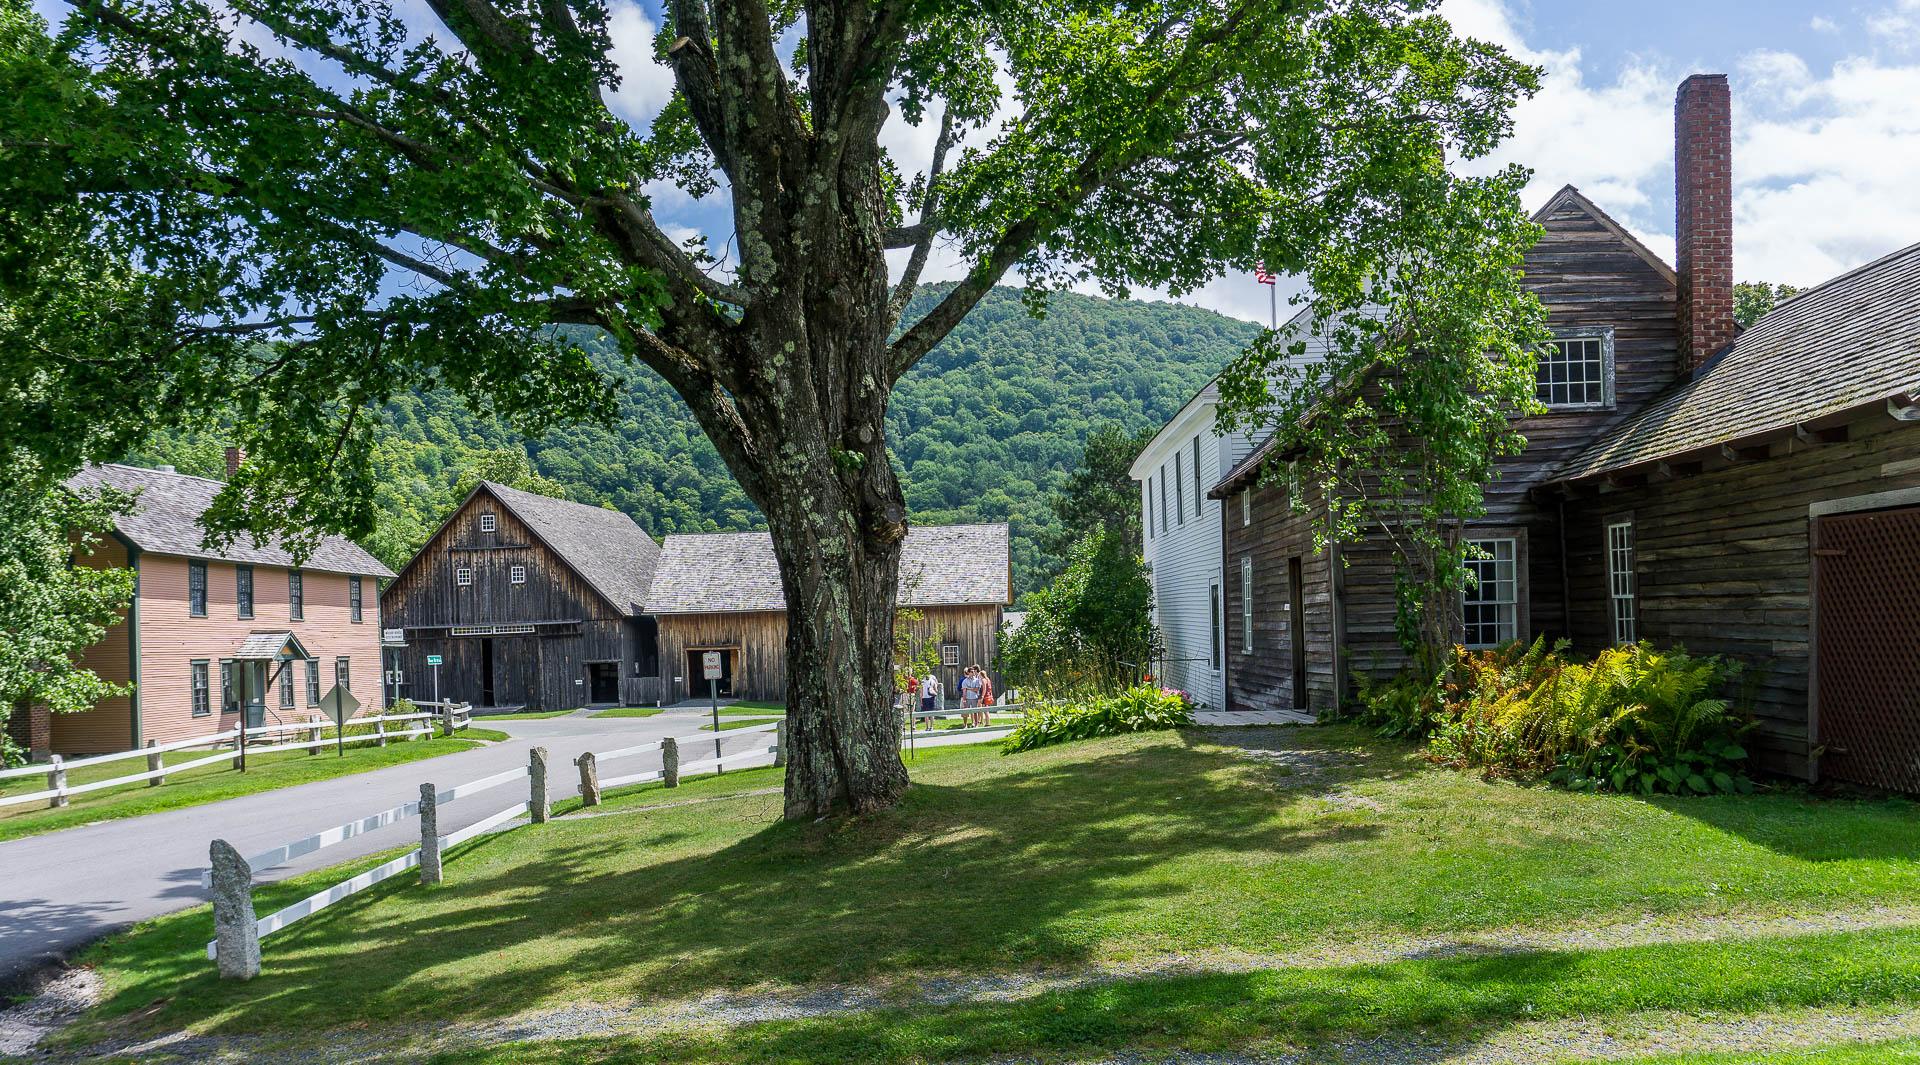 Dimanche 8 janvier: Plymouth, charmant village du Vermont